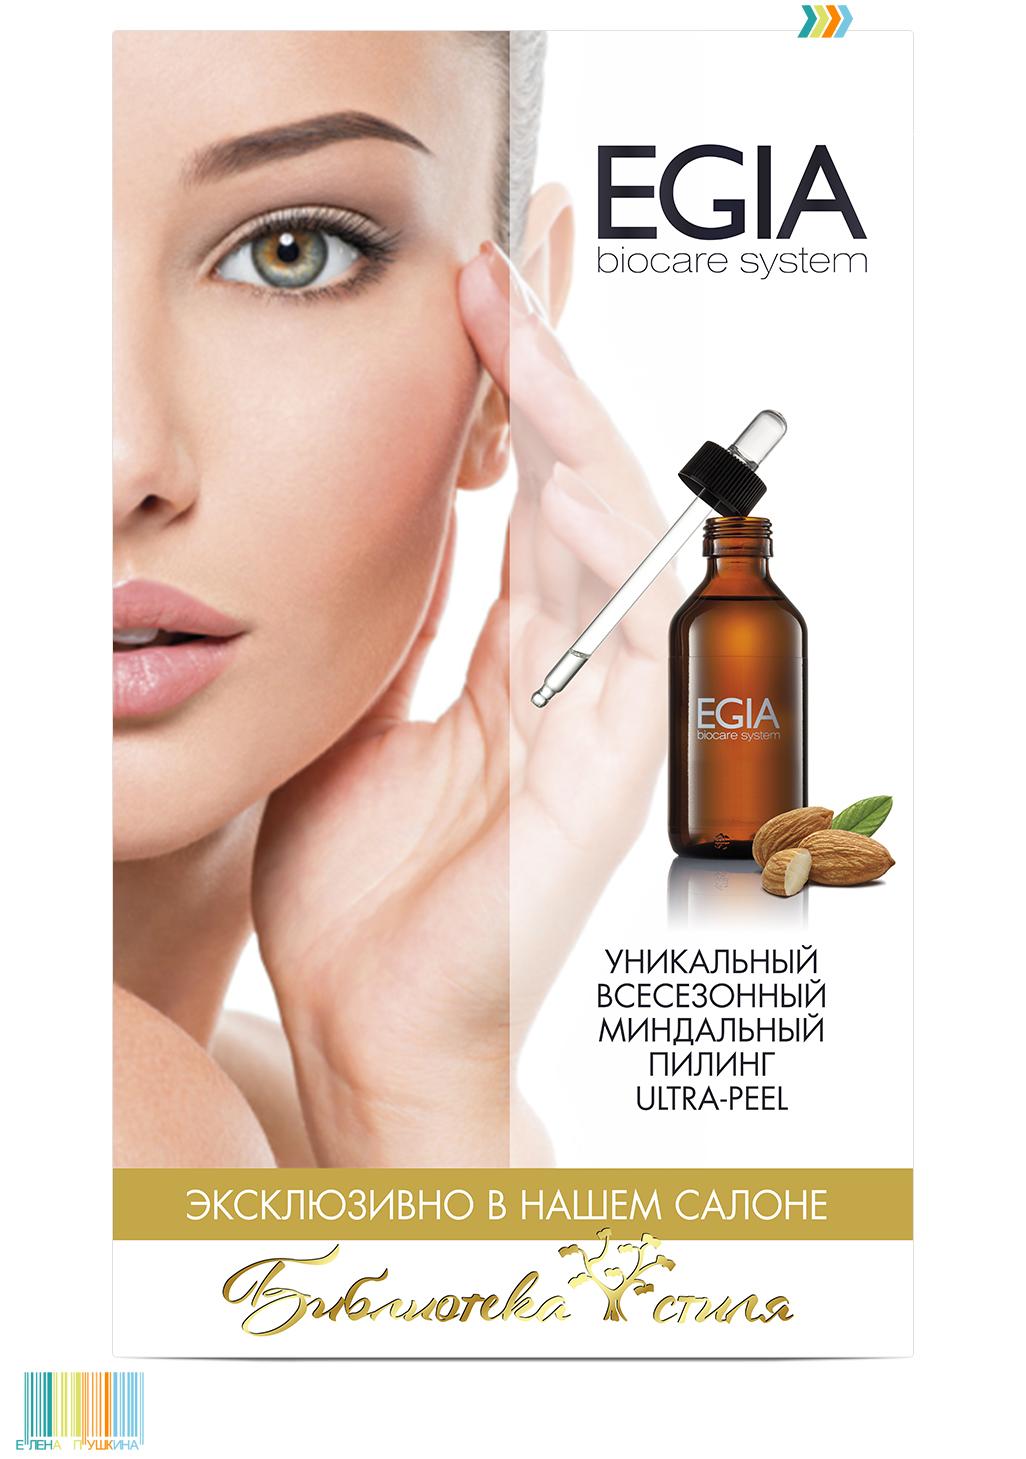 Дизайн рекламной листовки длякомпании «Биосфера» Дизайн листовок Портфолио